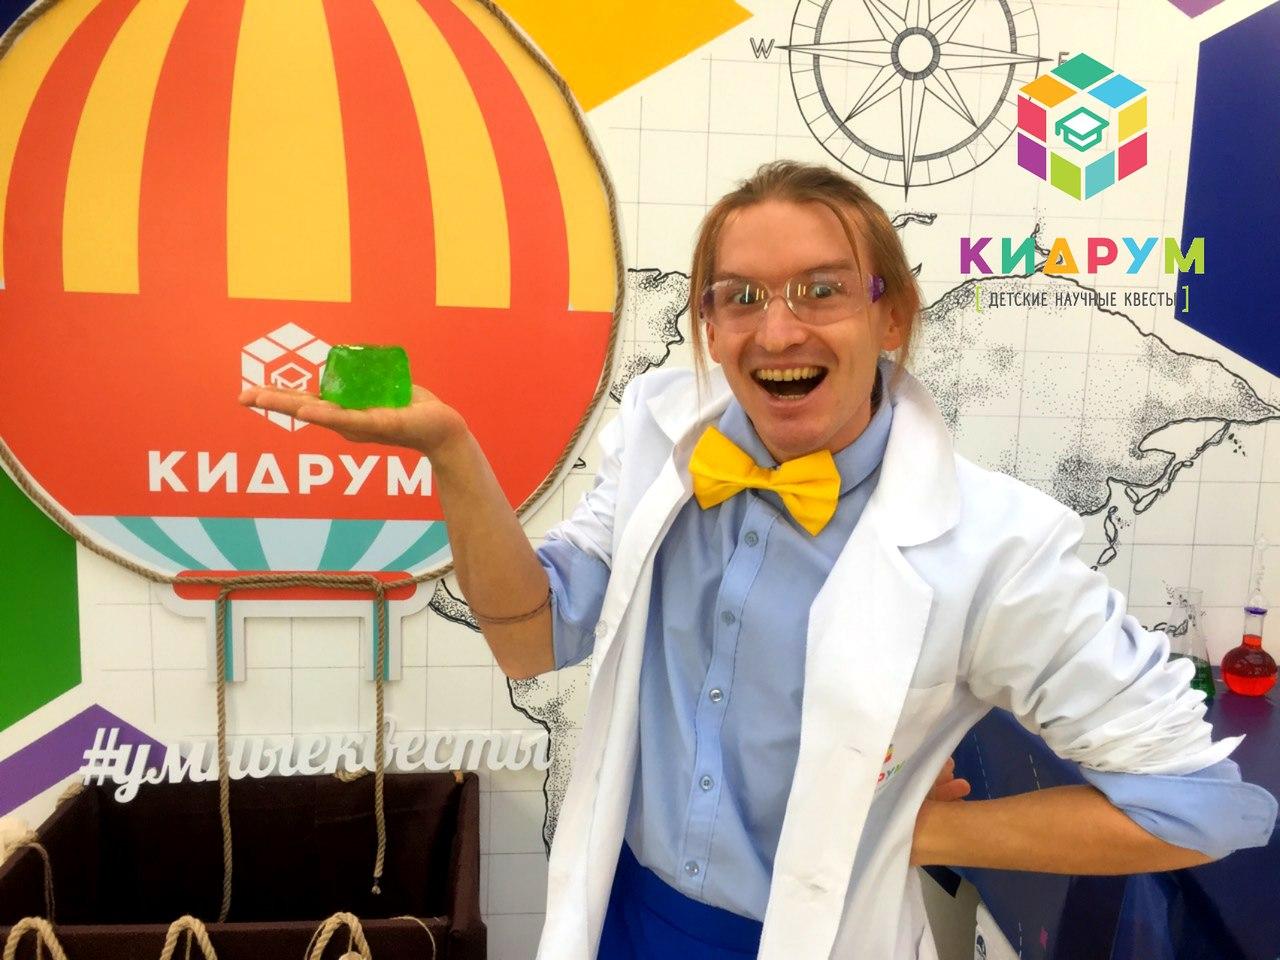 Кидрум Калининград1